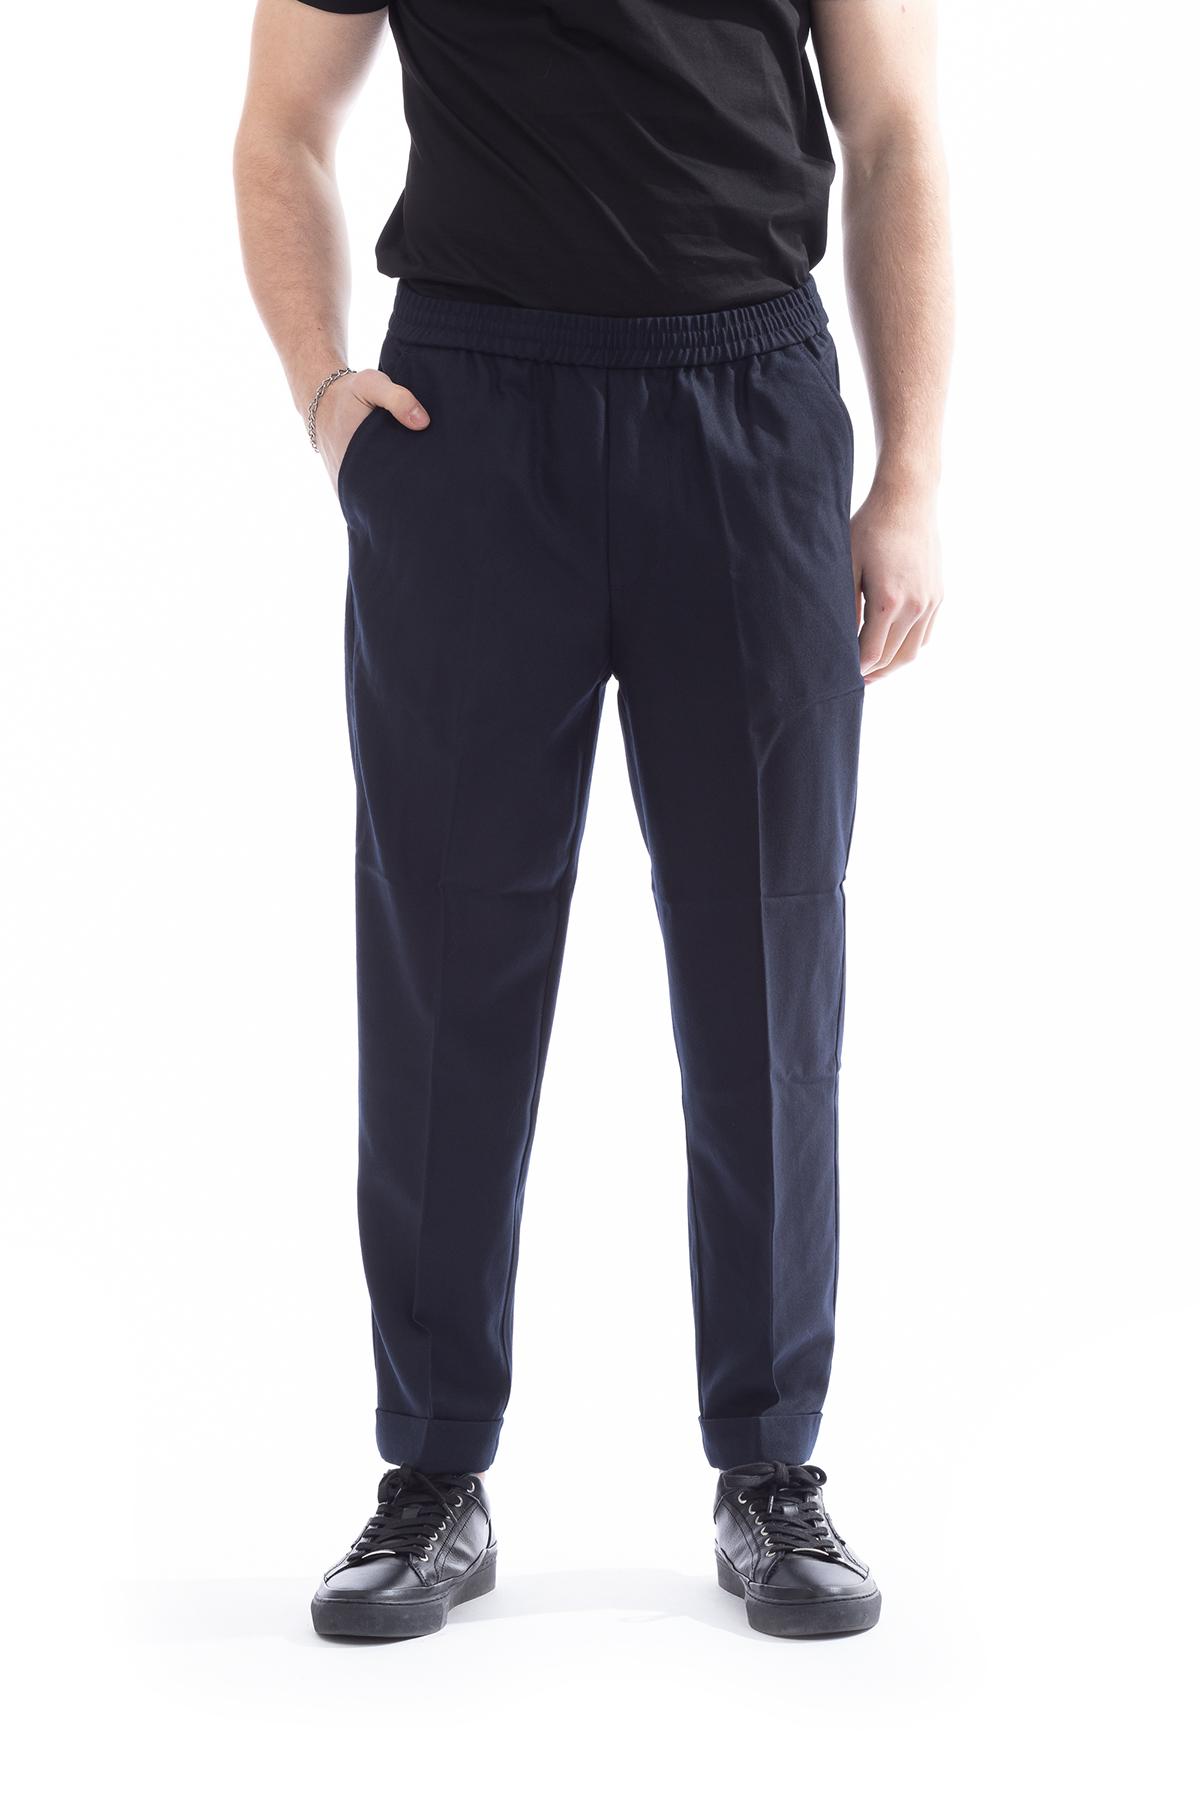 Emporio Armani Yün Karışımlı Erkek Pantolon